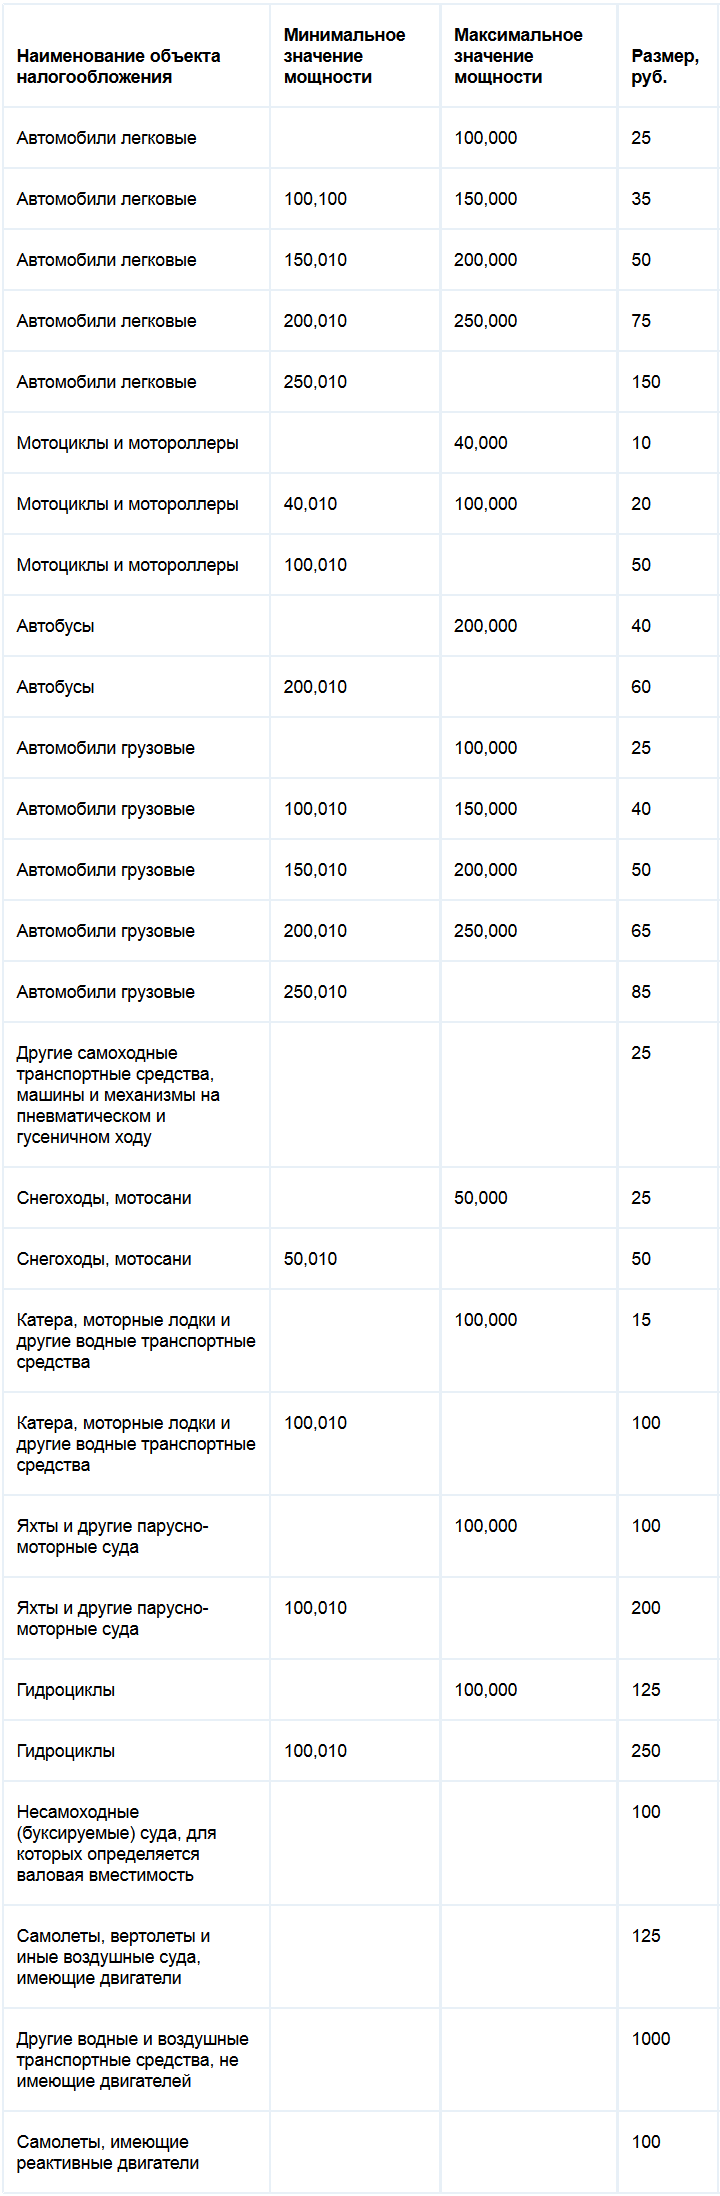 Ставки транспортного налога красноярского края на 2013 год ставки транспортного налога в нижегородской области в 2011